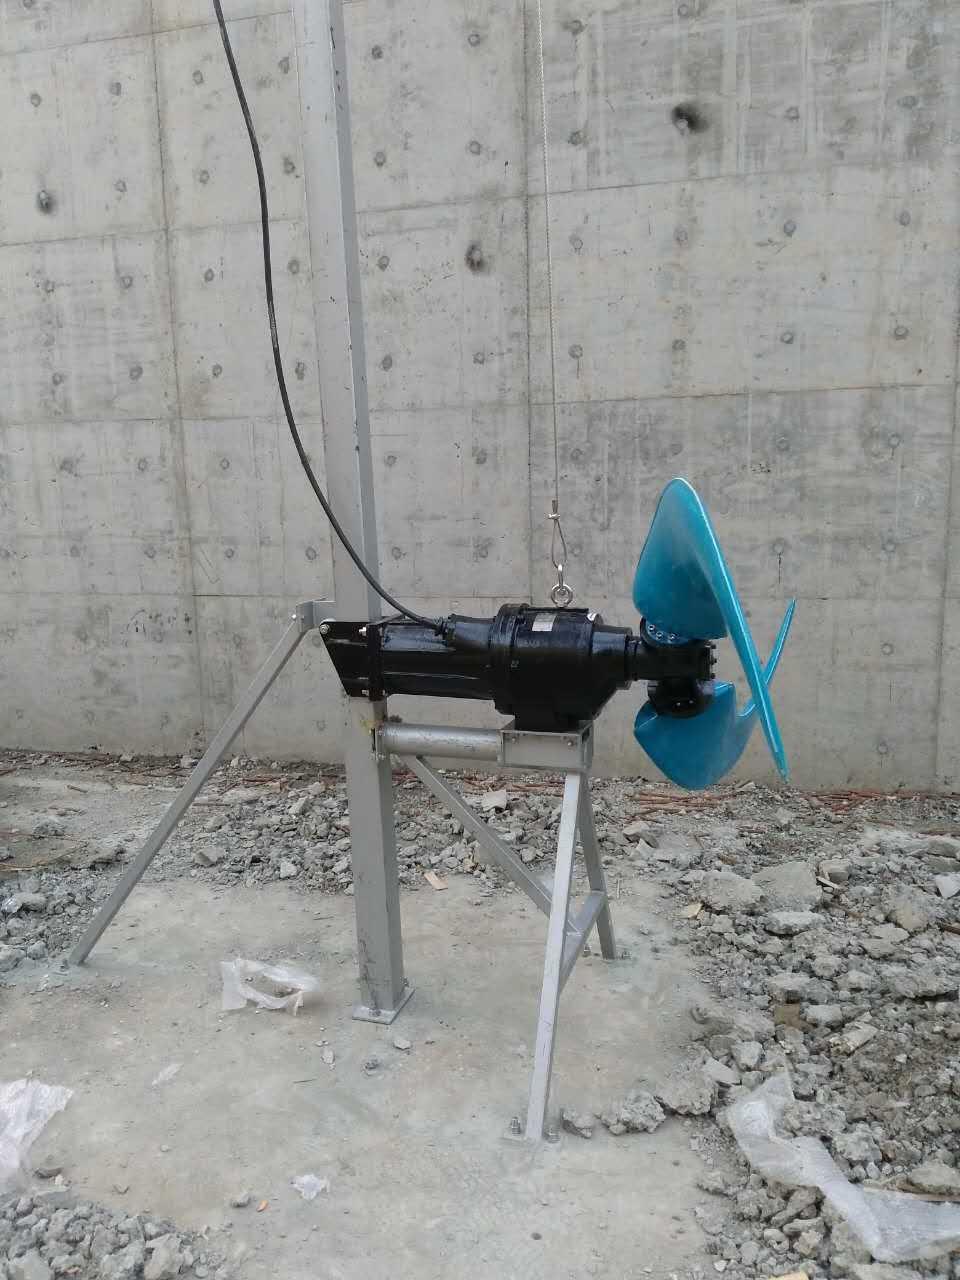 潜水推流器 低速潜水推流器 兴卓源 源头厂家 批发生产 量大价优